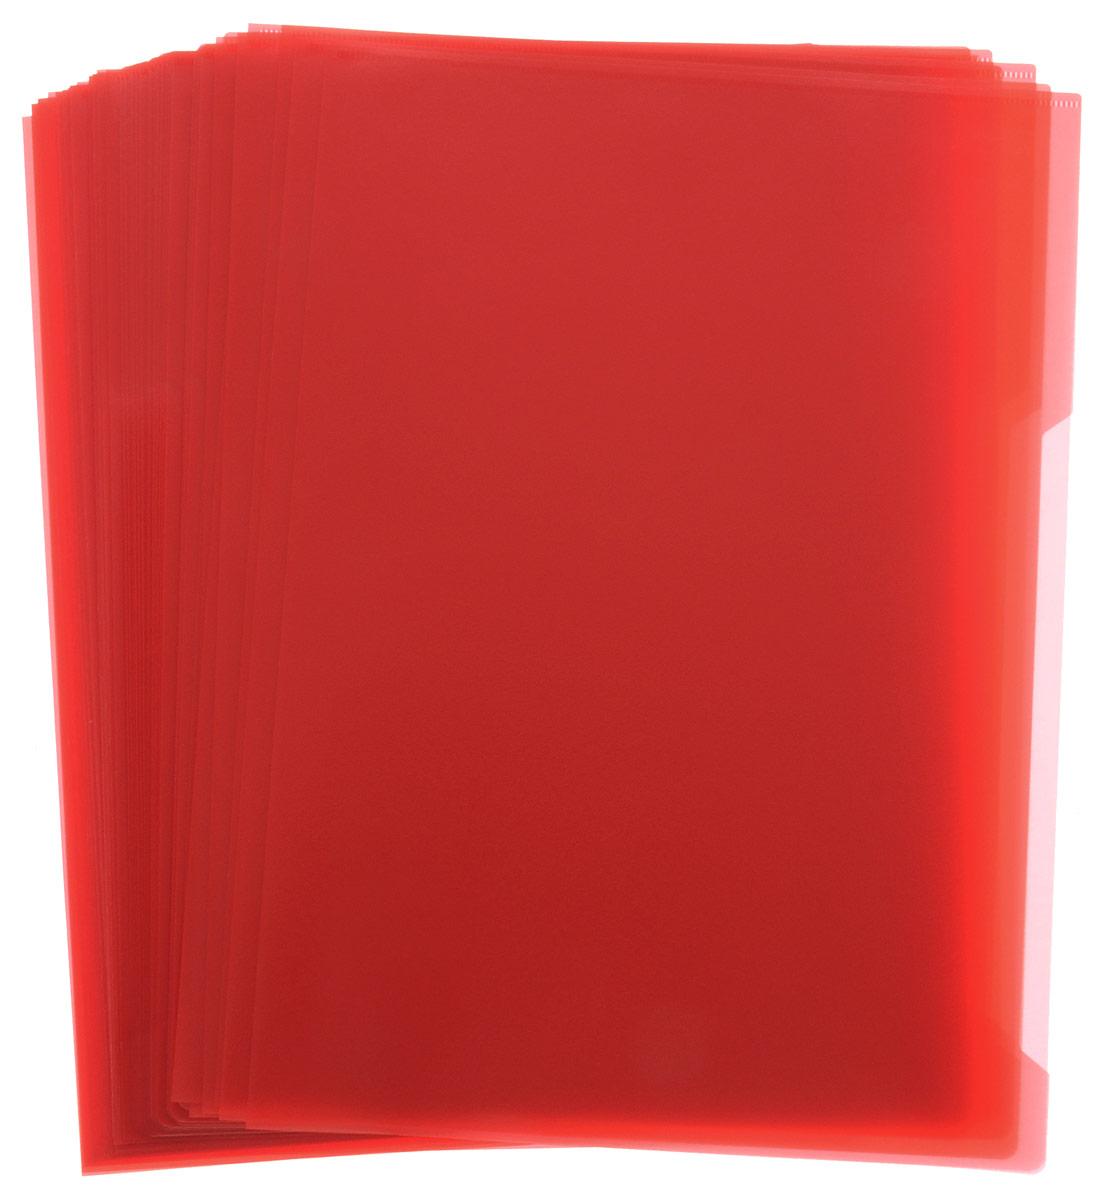 Durable Папка-уголок цвет красный 50 шт2312-03Папка-уголок Durable изготовлена из высококачественного полипропилена. Это удобный и практичный офисный инструмент, предназначенный для хранения и транспортировки рабочих бумаг и документов формата А4. Папка оснащена выемкой для перелистывания листов. В наборе - 50 папок. Папка-уголок - это незаменимый атрибут для студента, школьника, офисного работника. Такая папка надежно сохранит ваши документы и сбережет их от повреждений, пыли и влаги.